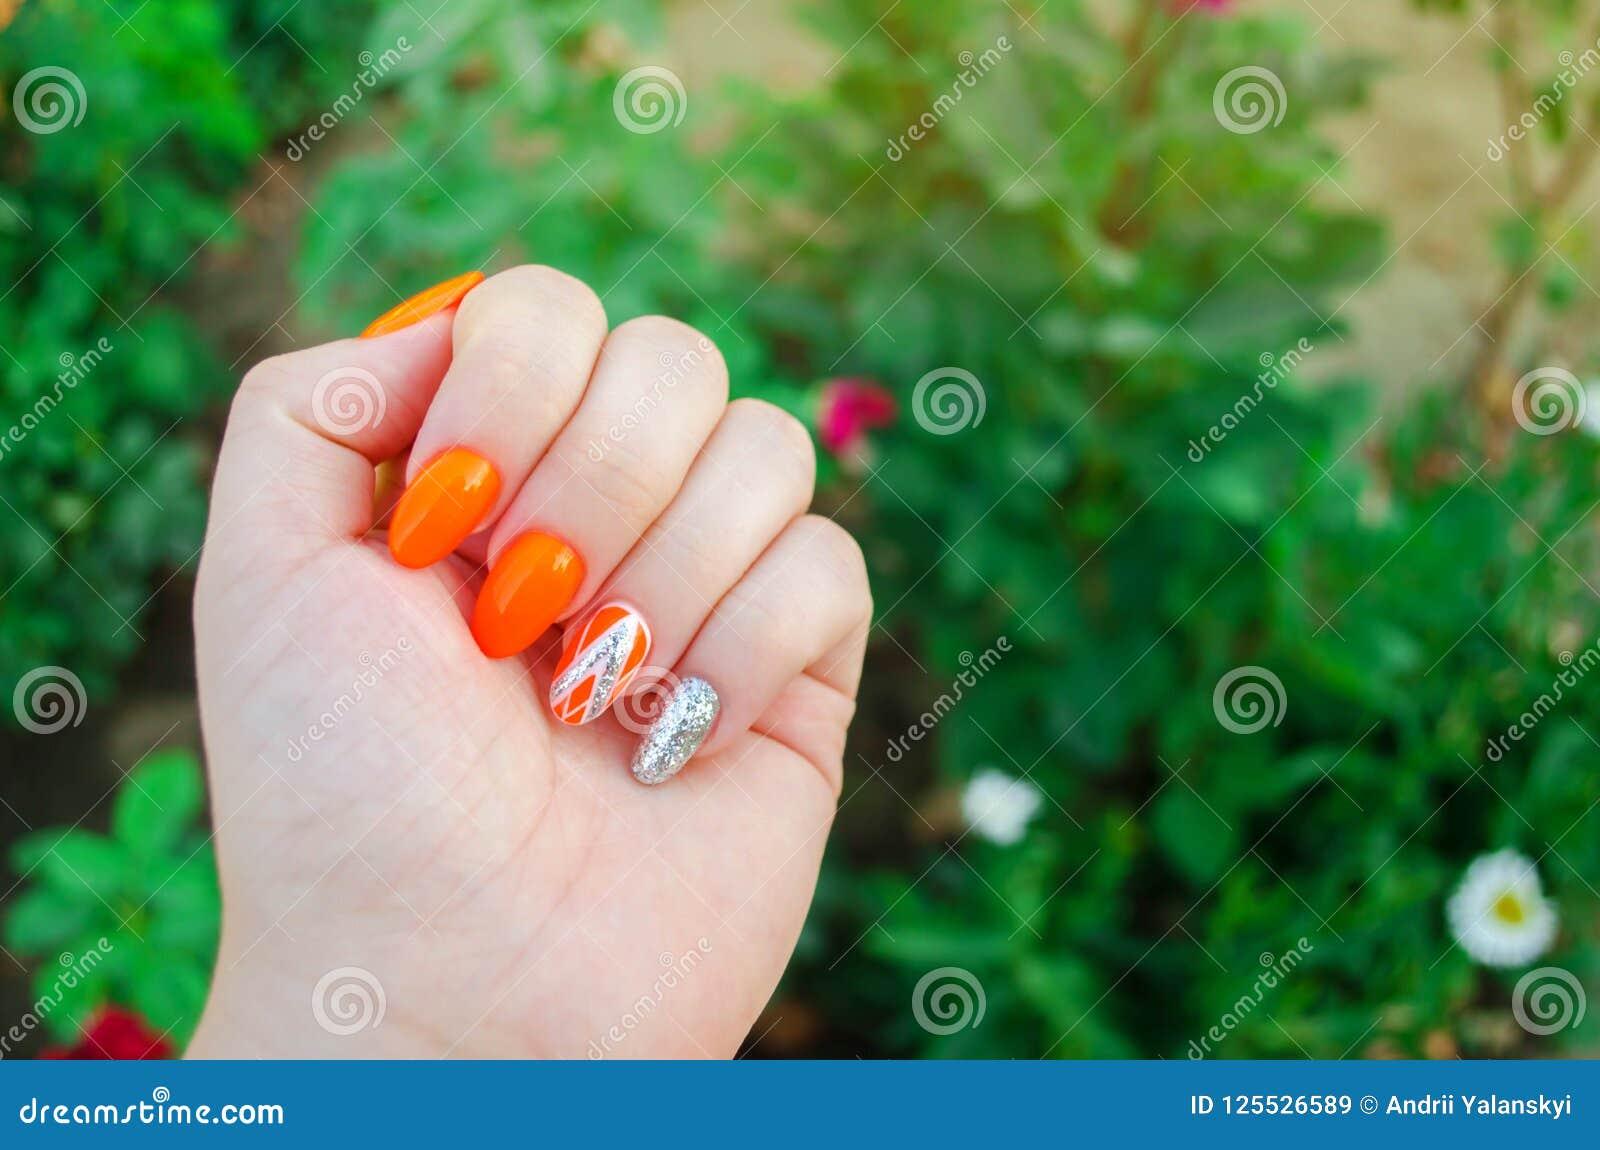 Τέλειο μανικιούρ και φυσικά καρφιά Ελκυστικό σύγχρονο σχέδιο τέχνης καρφιών πορτοκαλί σχέδιο φθινοπώρου μακριά καλά-καλλωπισμένα